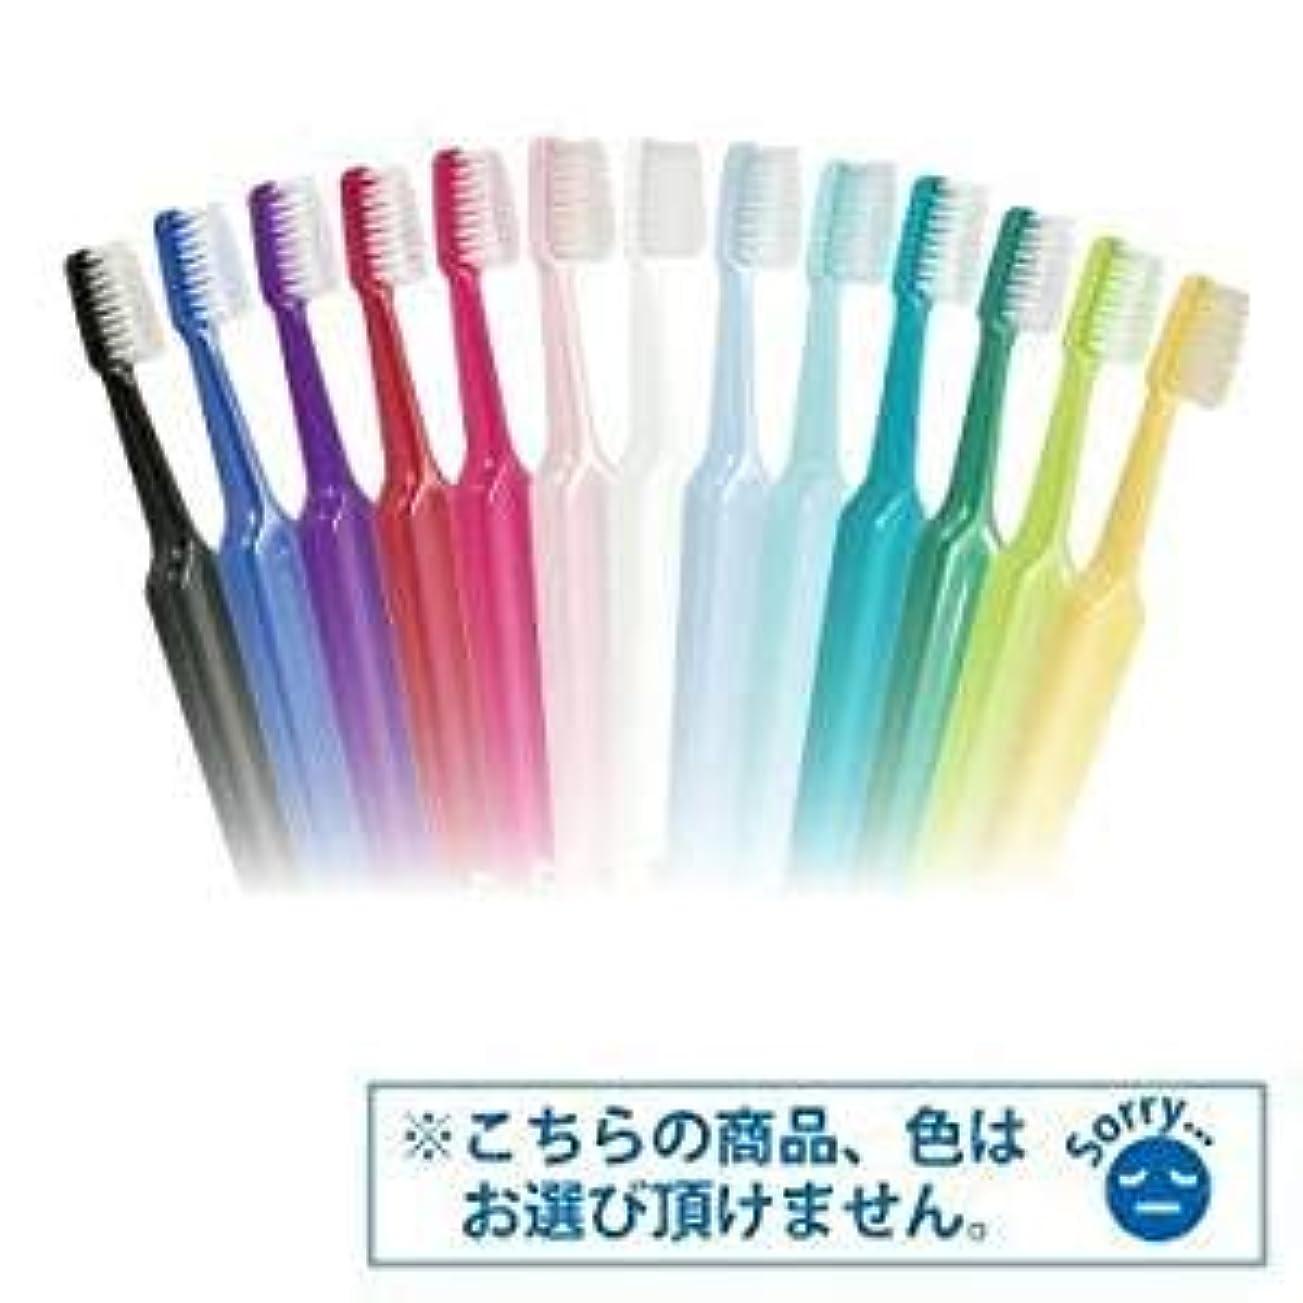 エミュレートするビジュアル超えるTepe歯ブラシ セレクトコンパクト /ミディアム 10本入り